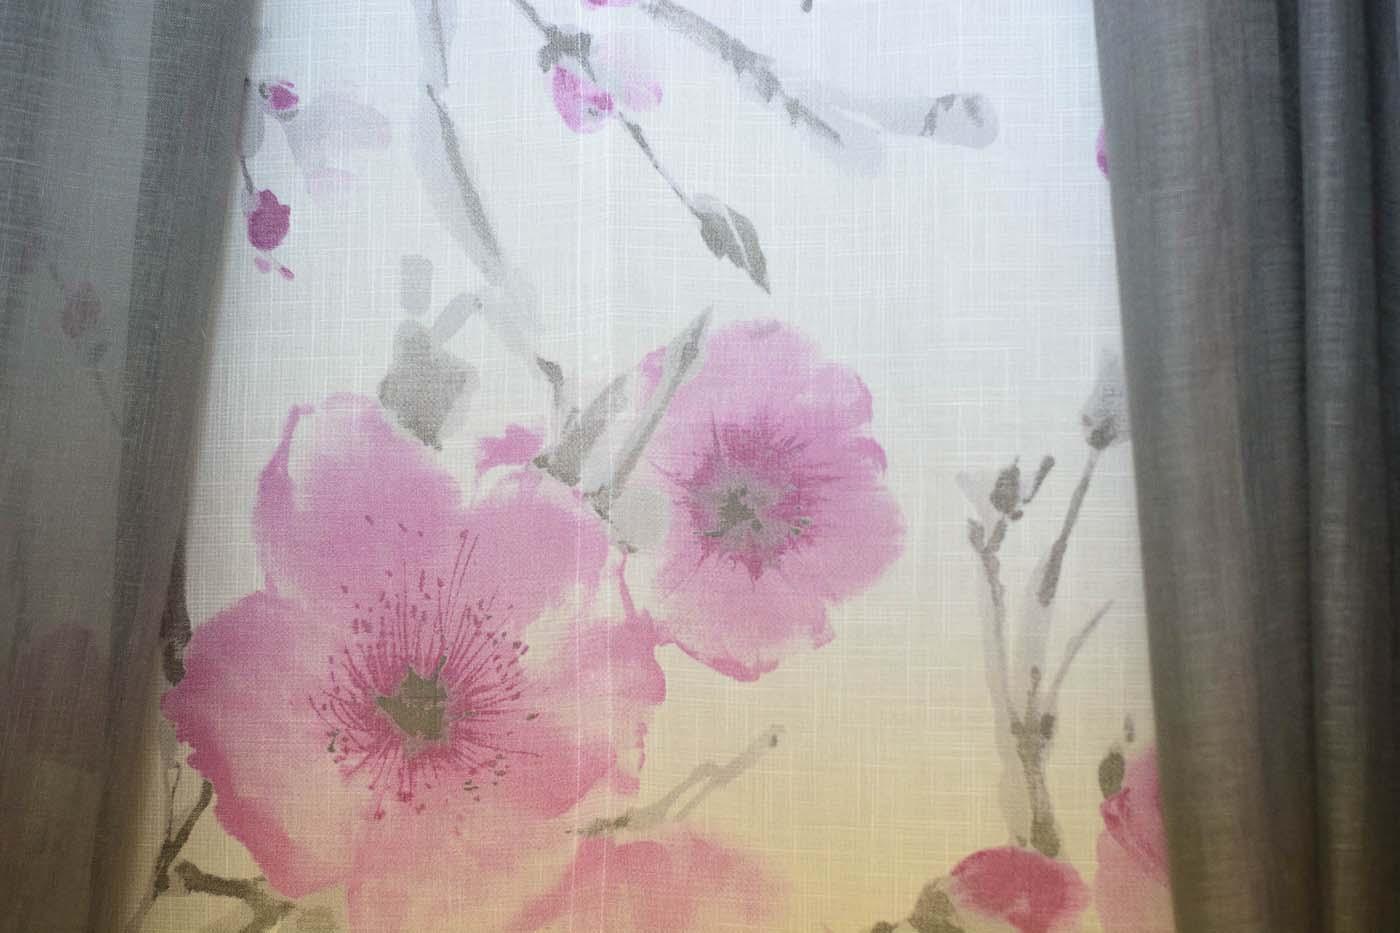 Cortines de color blanc amb estampat de flors roses